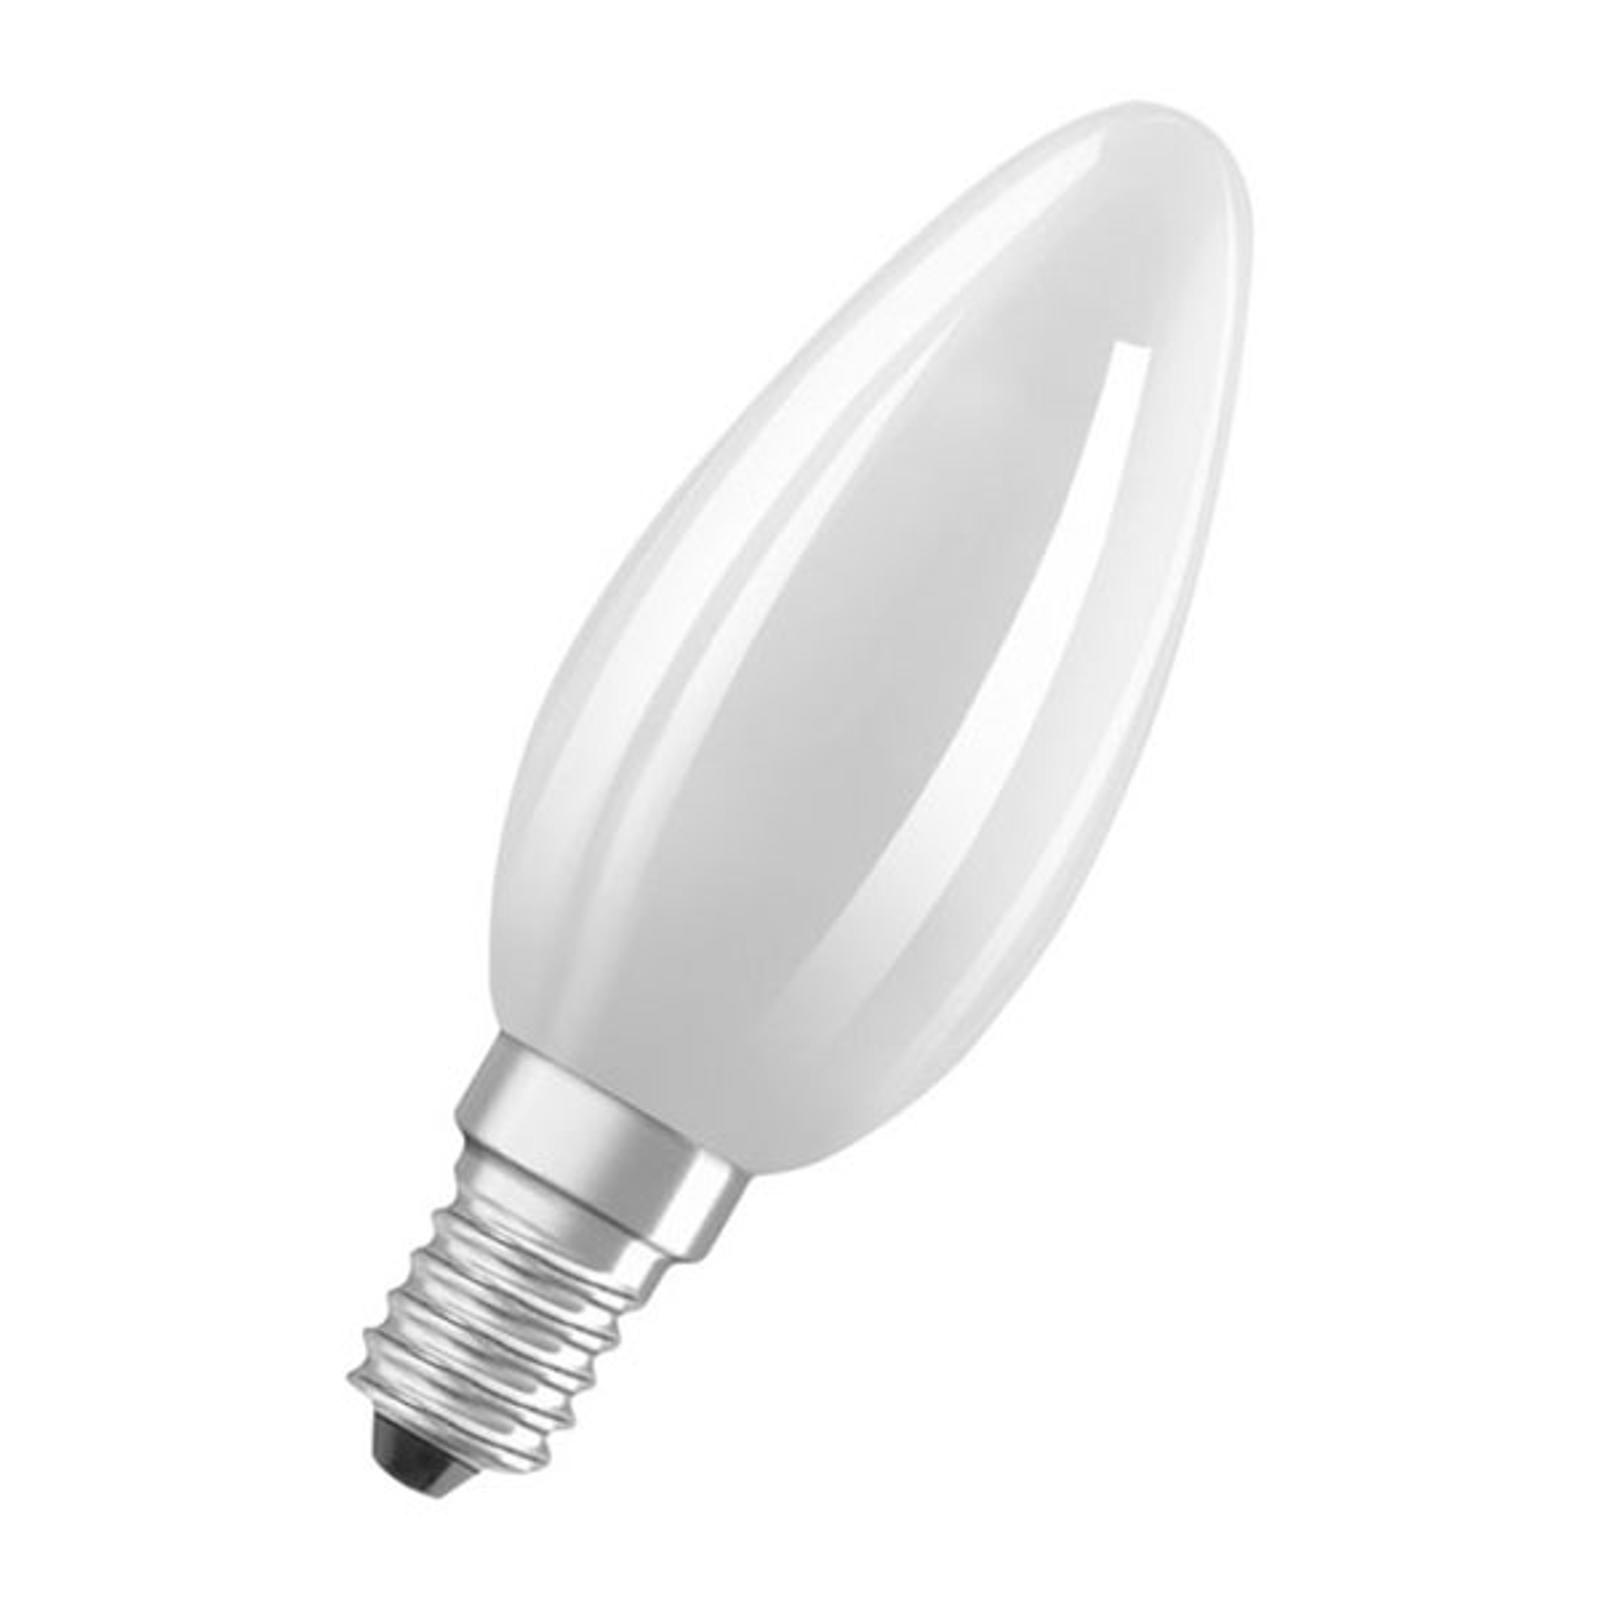 OSRAM świeca LED E14 Classic B 6W 2700K matowa